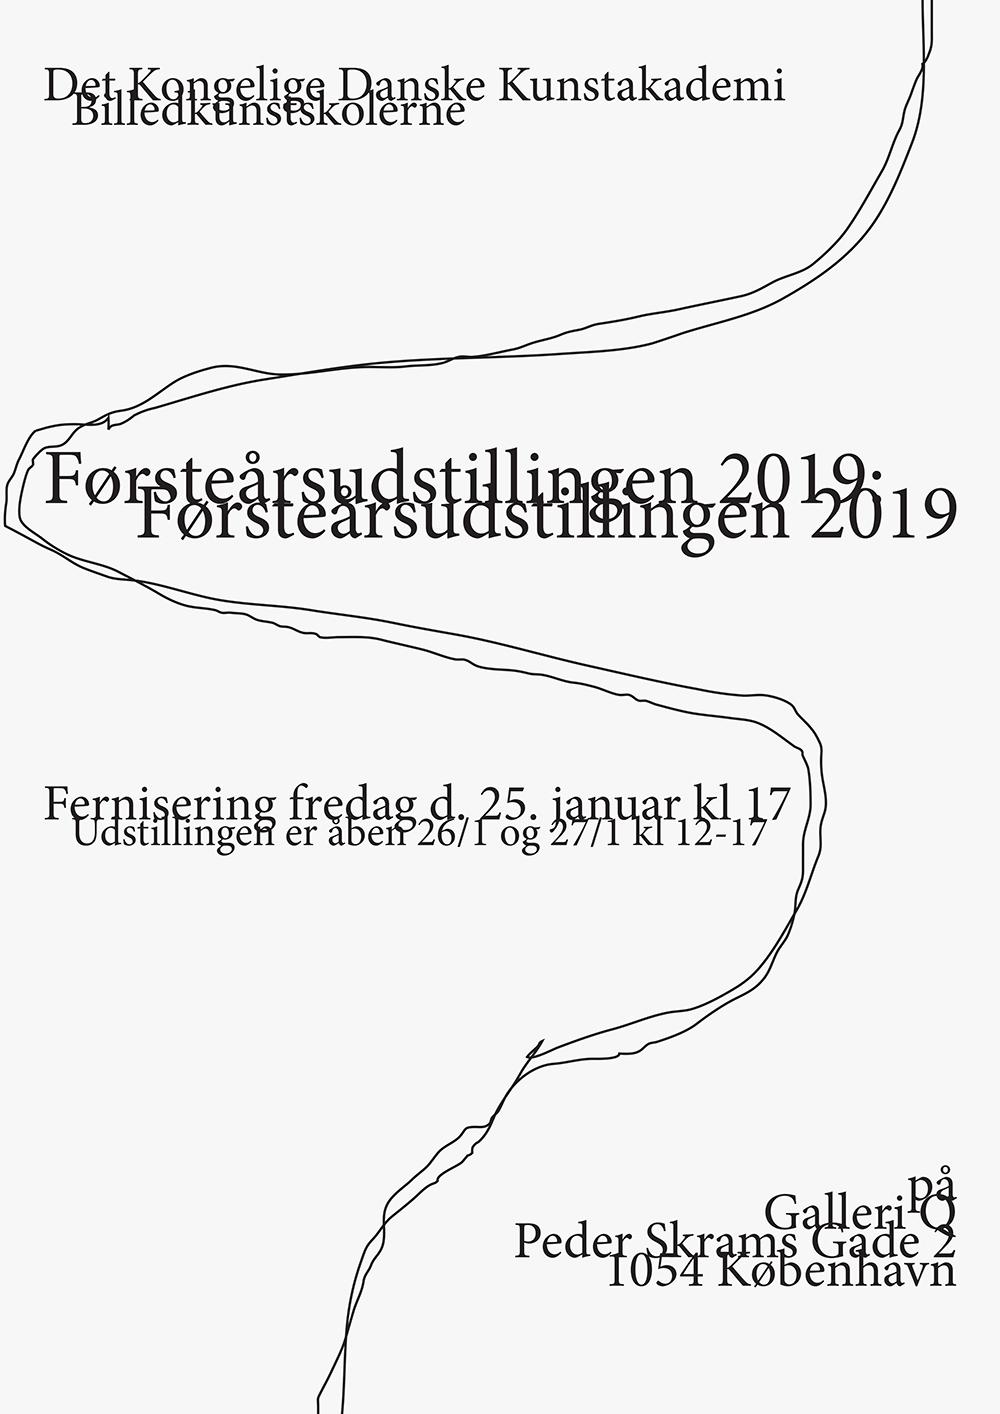 Førsteårsudstillingen 2019